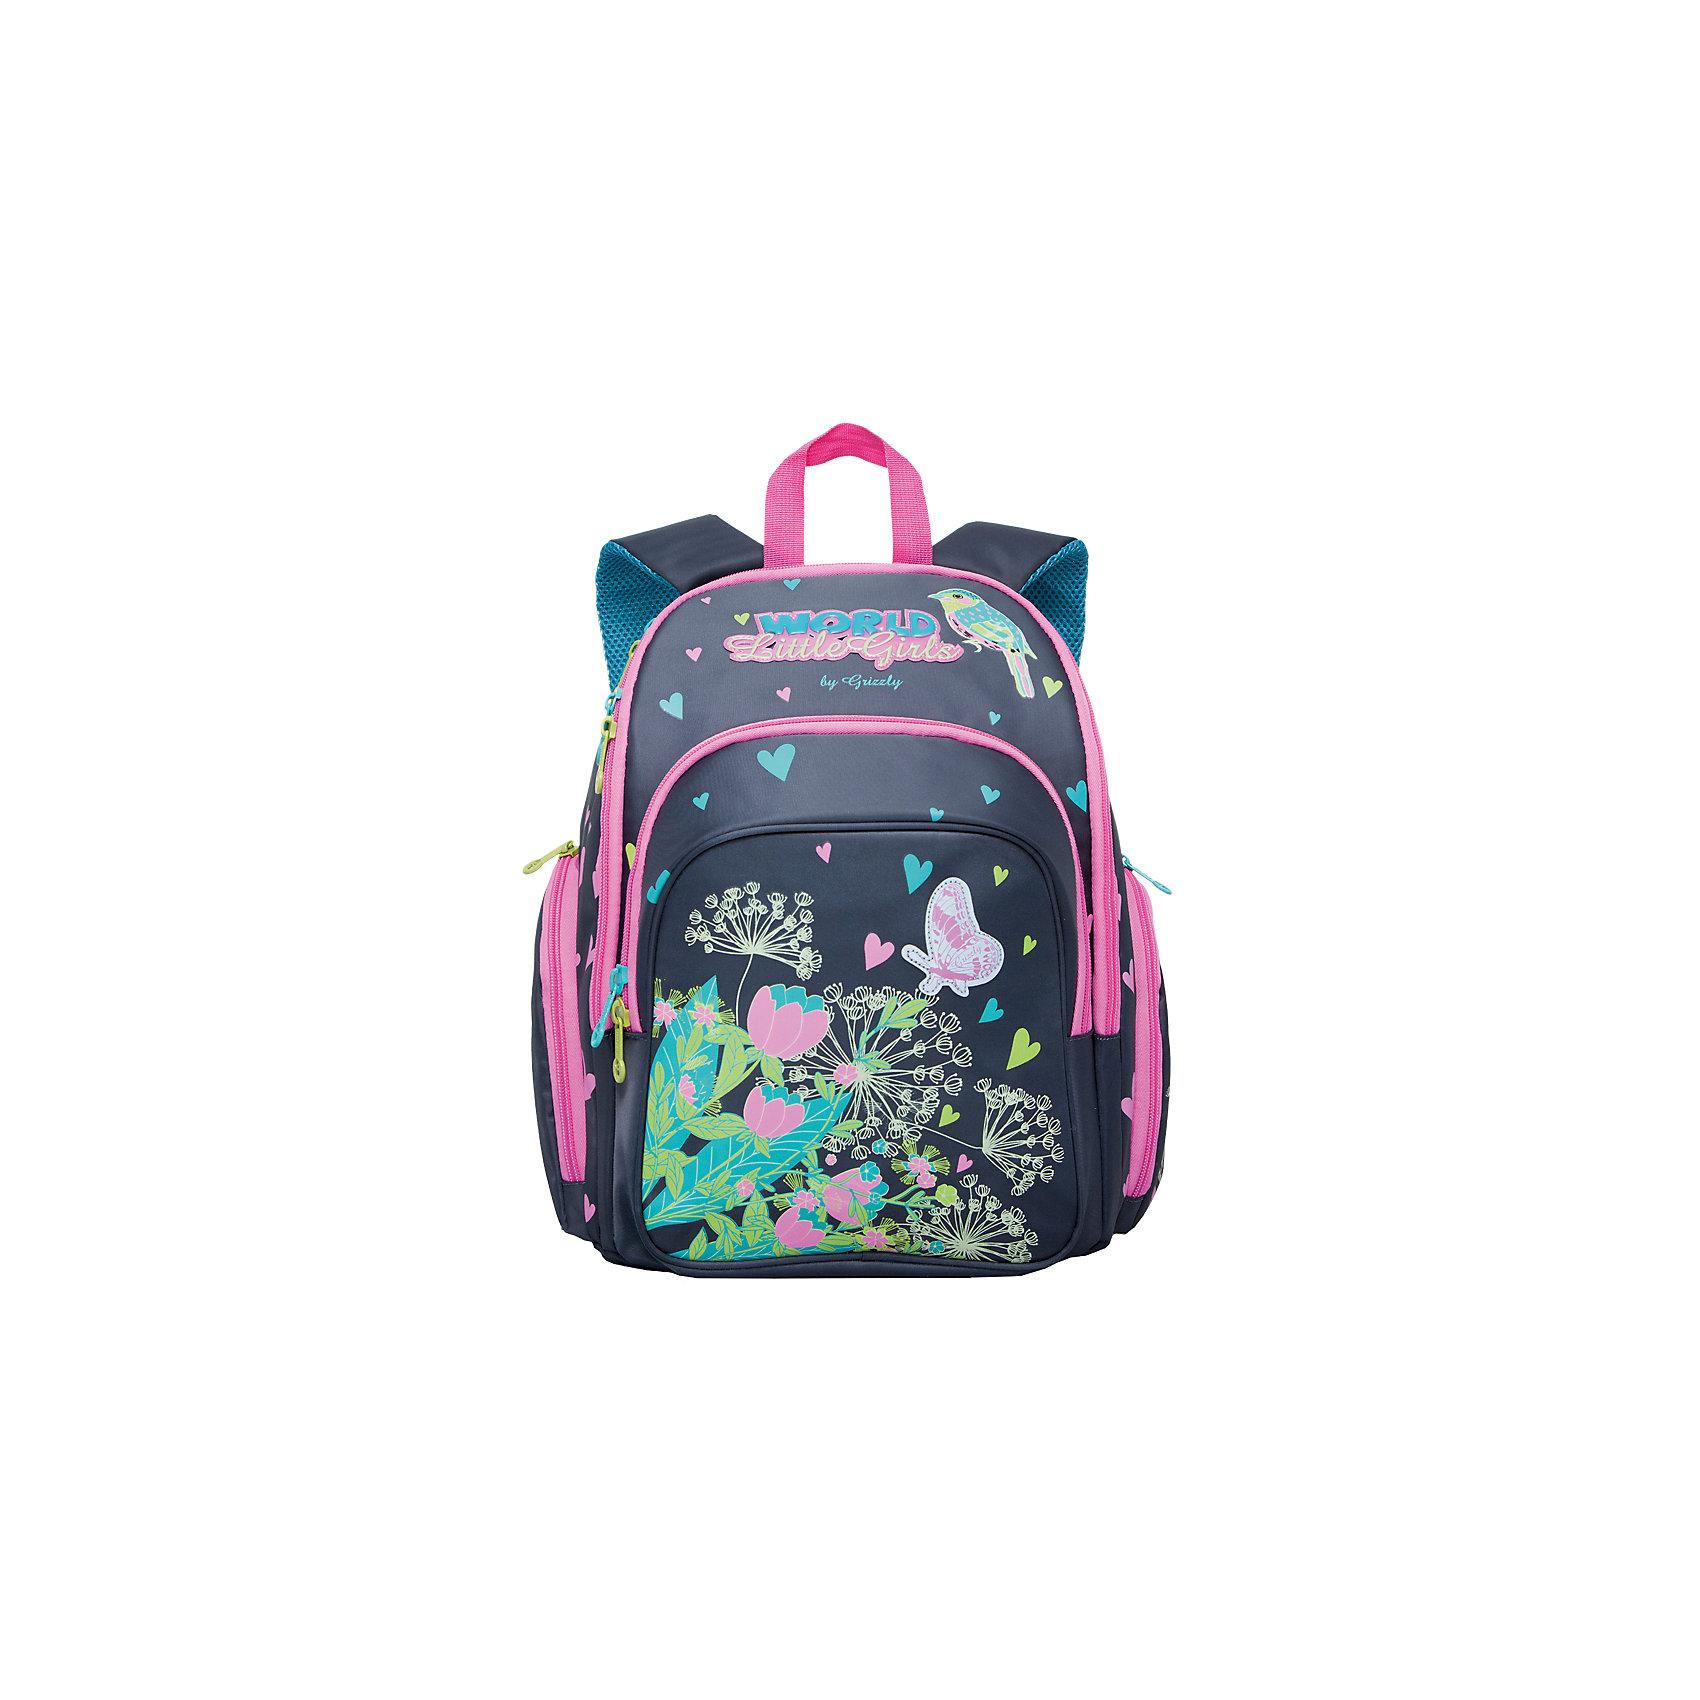 Рюкзак школьный Grizzly, серыйРюкзаки<br>Рюкзак школьный, два отделения, объемный карман на молнии на передней стенке, объемные боковые карманы на молнии, внутренний карман на молнии, откидное жесткое дно, разделительная перегородка-органайзер, жесткая анатомическая спинка, дополнительная ручка-петля, укрепленные лямки, светоотражающие элементы с четырех сторон<br><br>Ширина мм: 300<br>Глубина мм: 200<br>Высота мм: 360<br>Вес г: 980<br>Возраст от месяцев: 72<br>Возраст до месяцев: 2147483647<br>Пол: Мужской<br>Возраст: Детский<br>SKU: 6939813